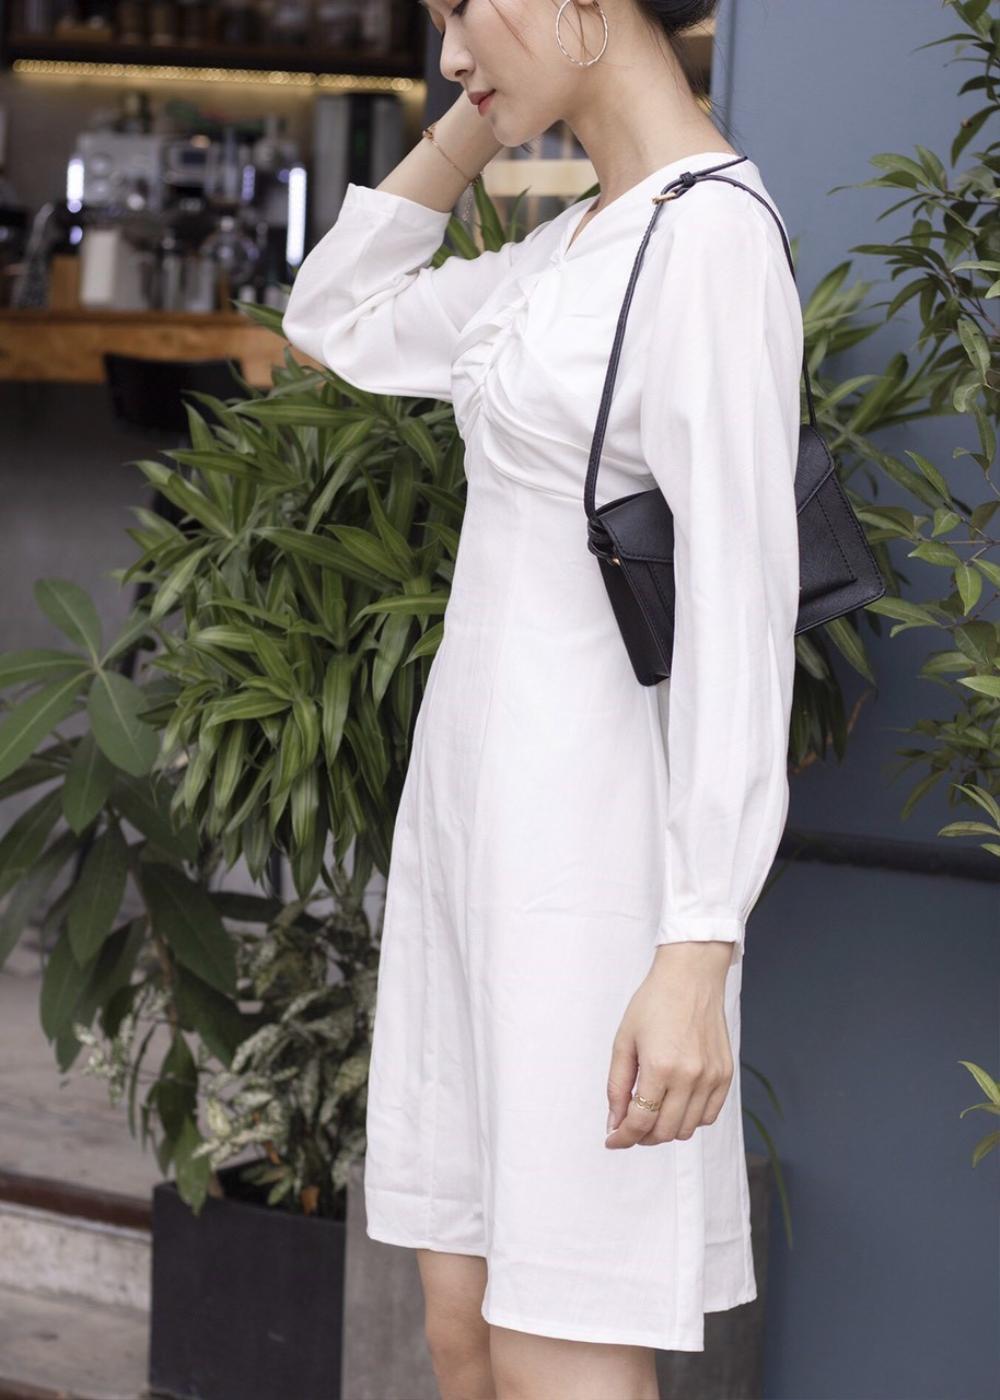 Kim Closet - Xu thế thời trang nữ 2021 Ảnh 4